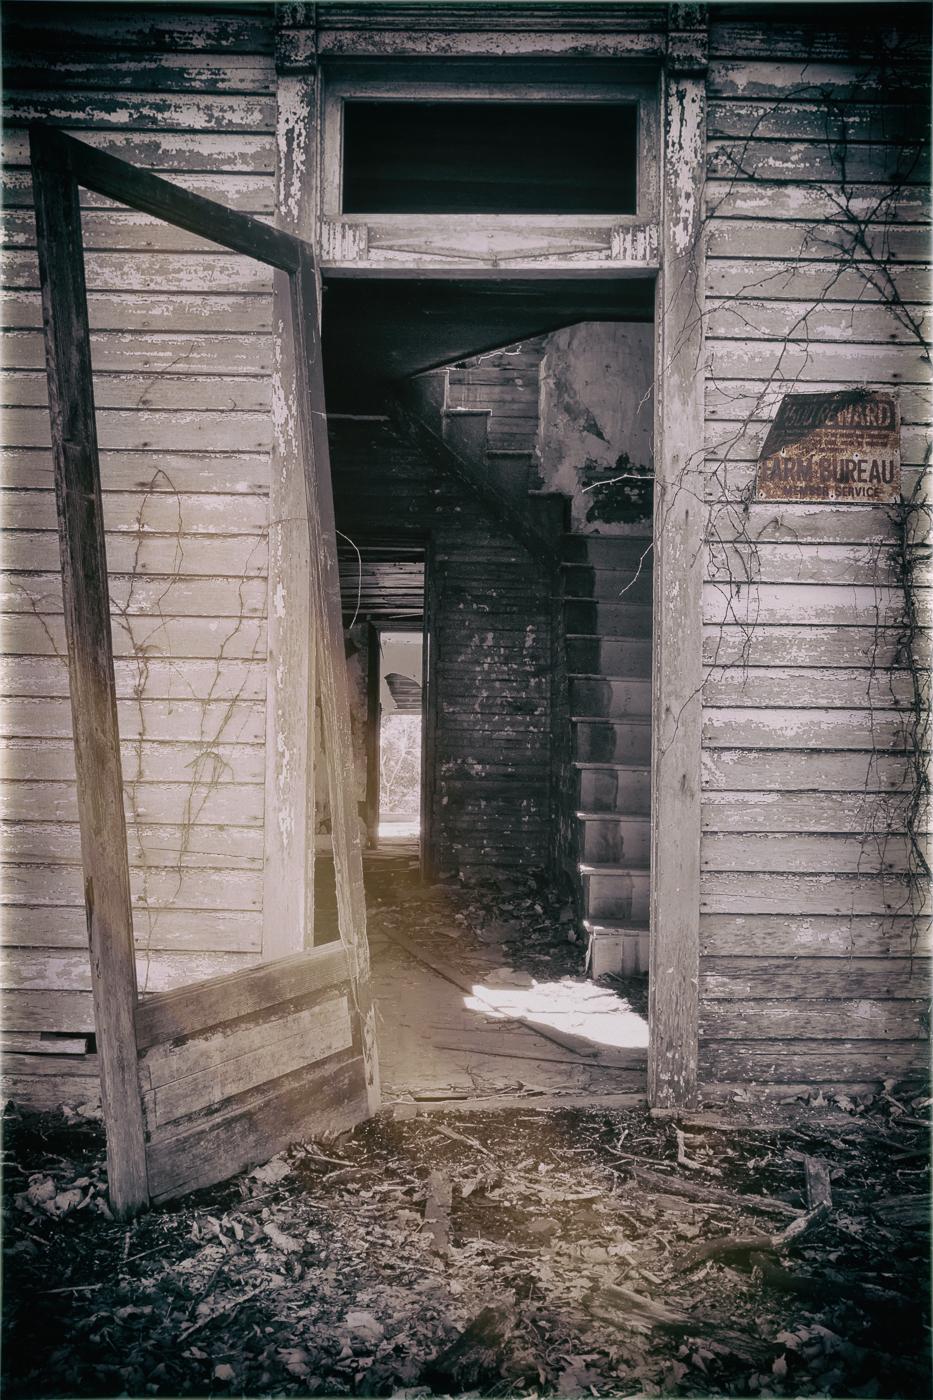 An aged door swung open